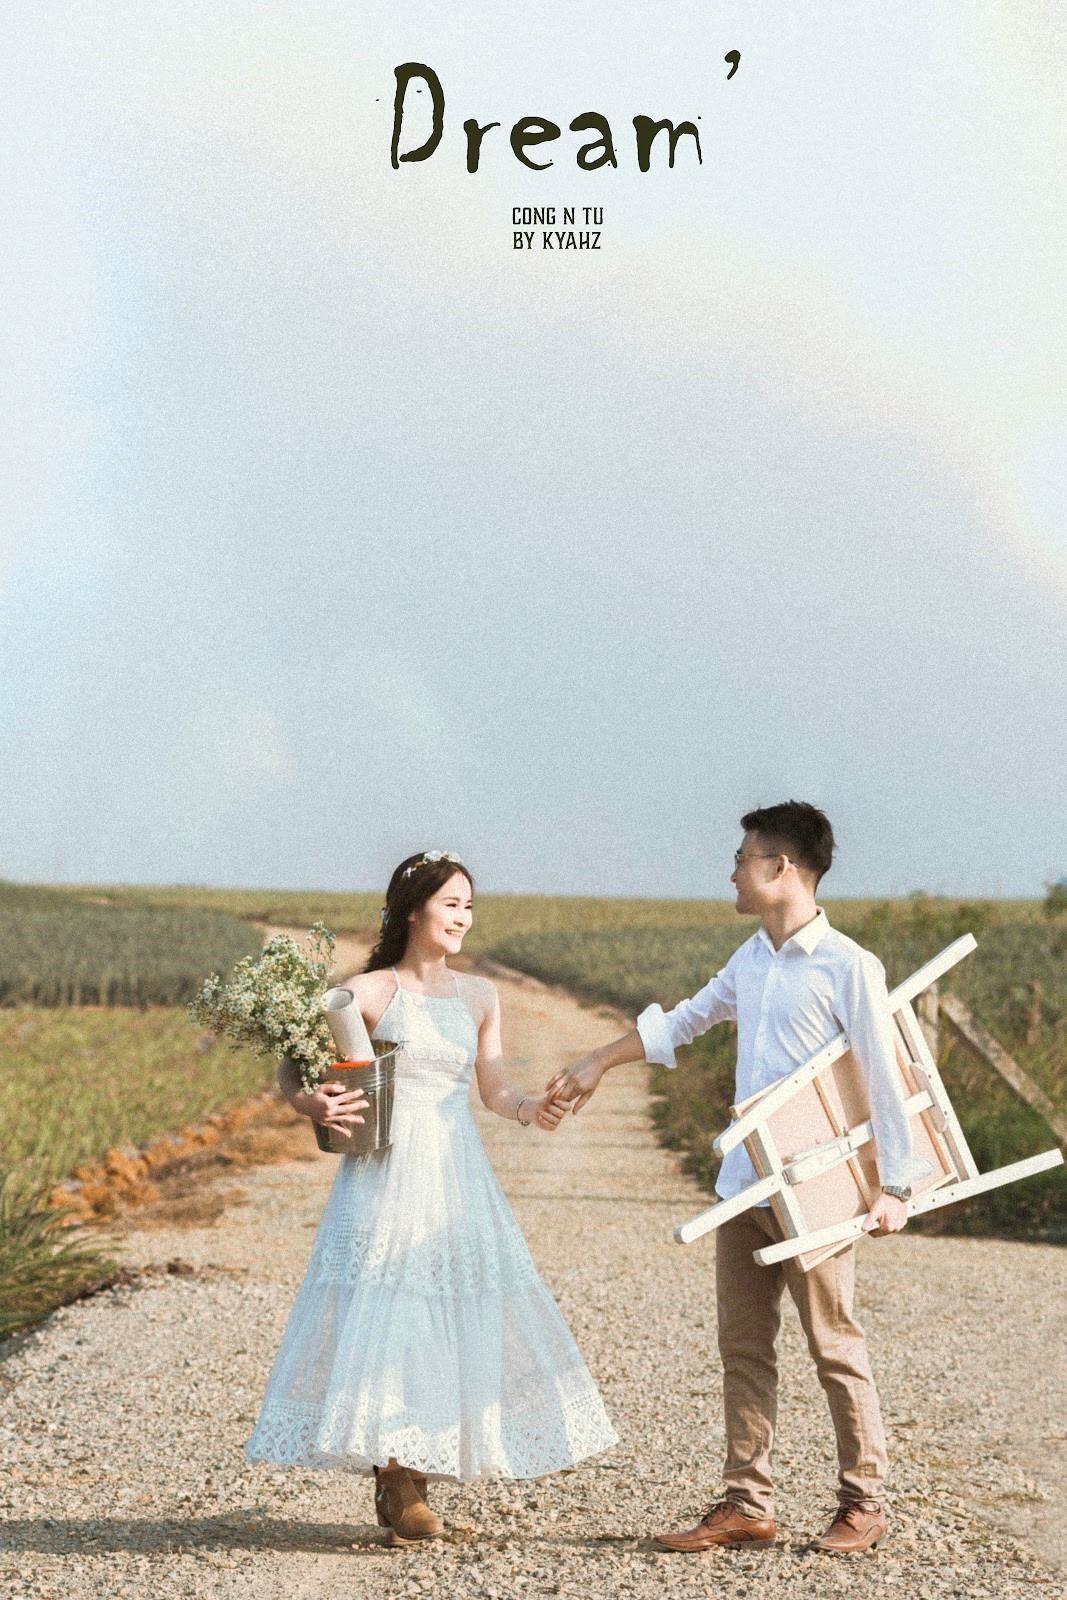 """Dân tình phát sốt với bộ ảnh cưới trong trẻo """"Vẽ giấc mơ tình yêu"""" trên cánh đồng dứa Ninh Bình - Ảnh 5."""